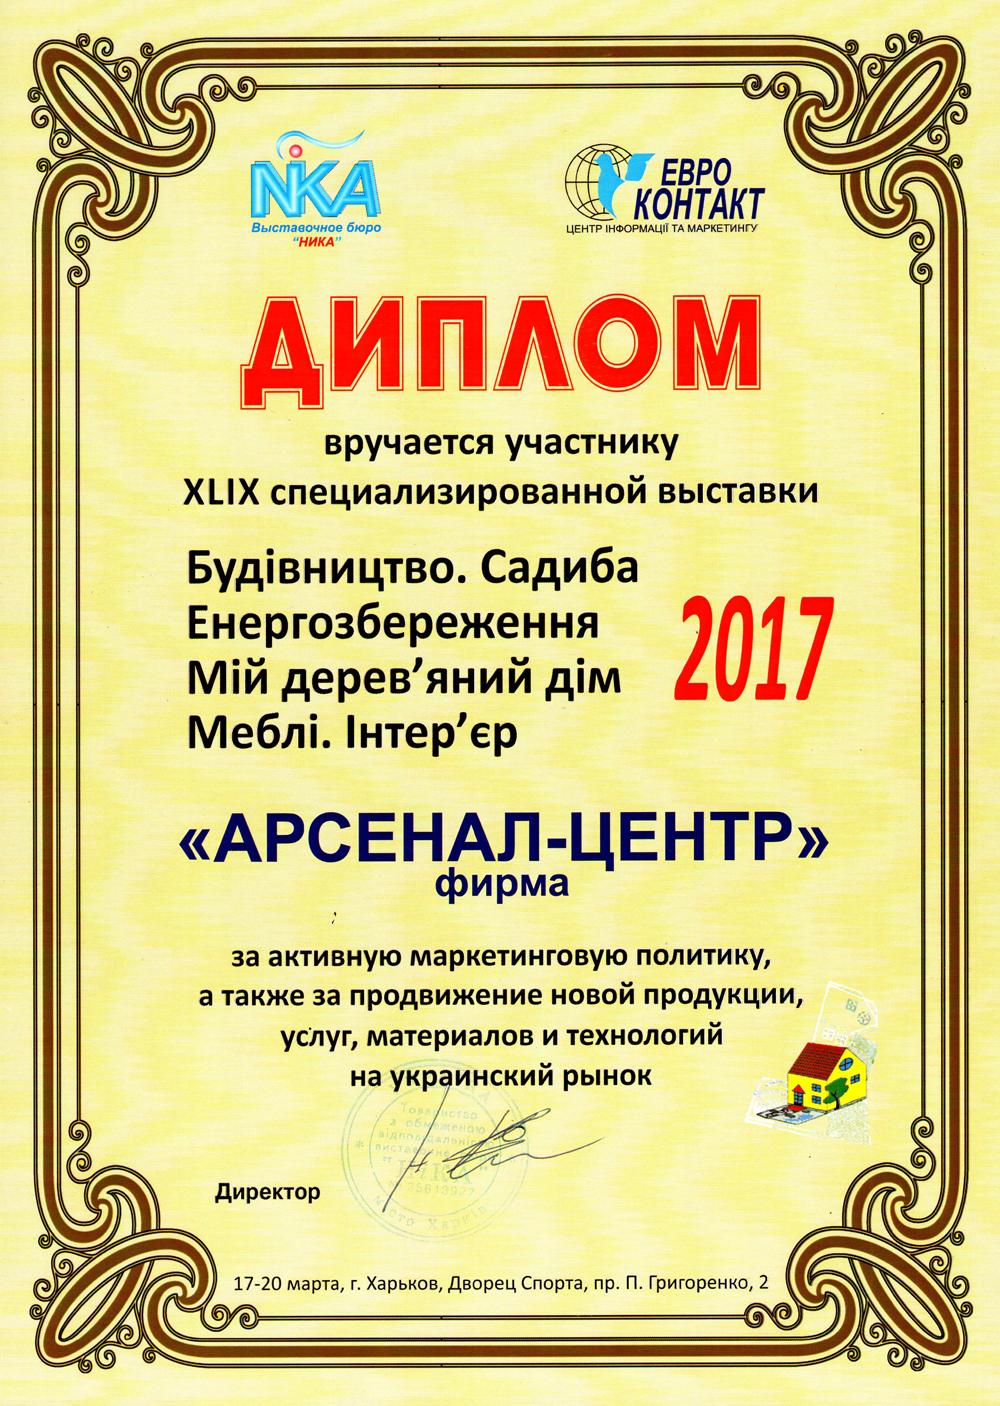 Дипломы и награды Арсенал Центр  Диплом Строительство 2017 3